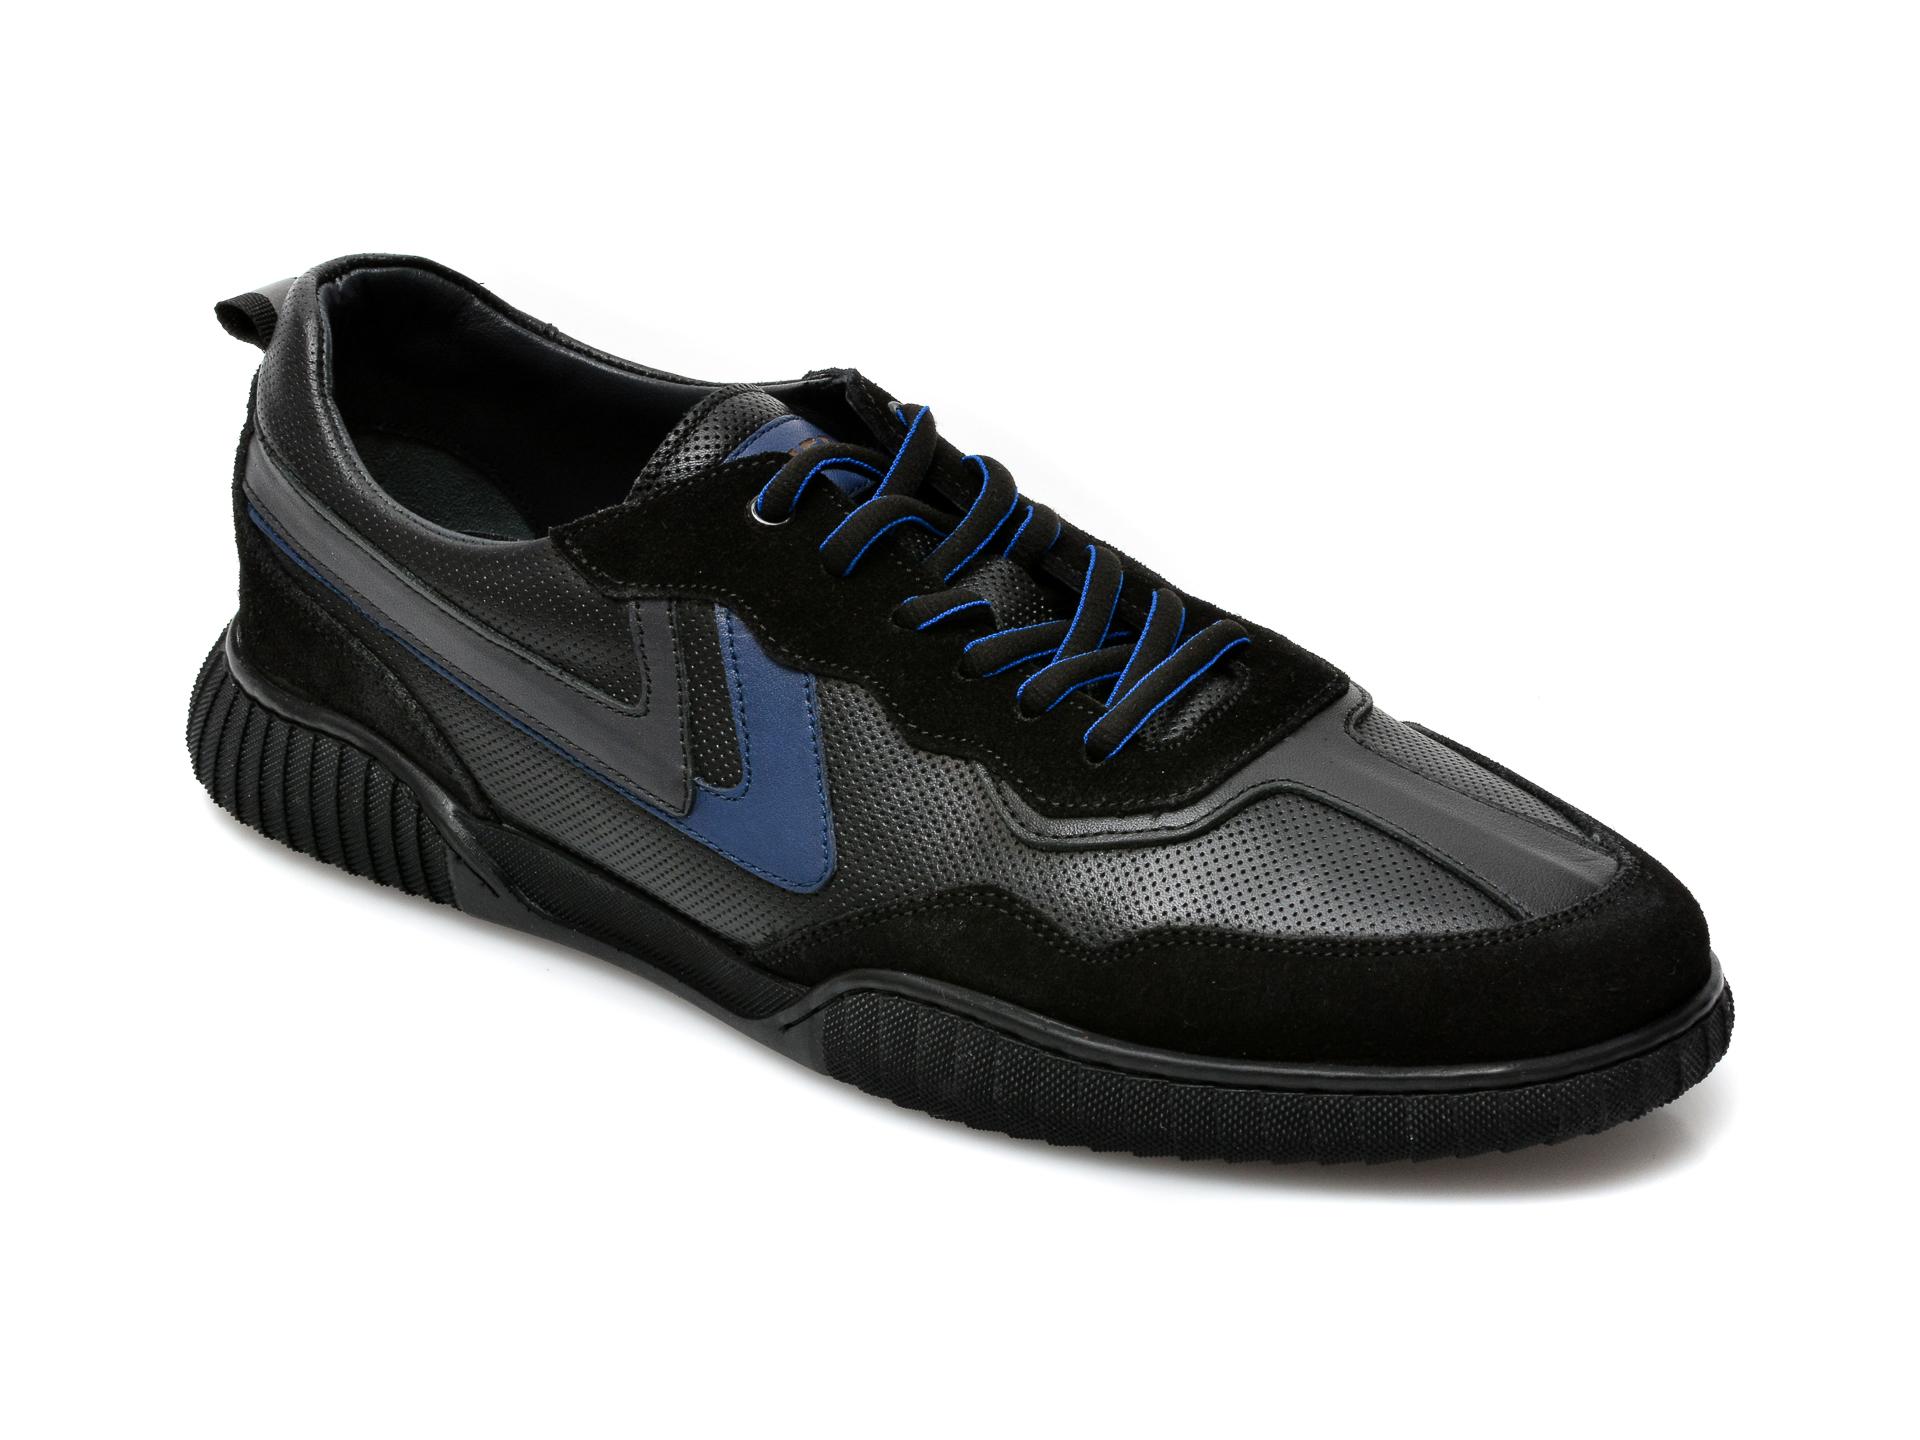 Pantofi OTTER negri, 24201, din piele naturala imagine otter.ro